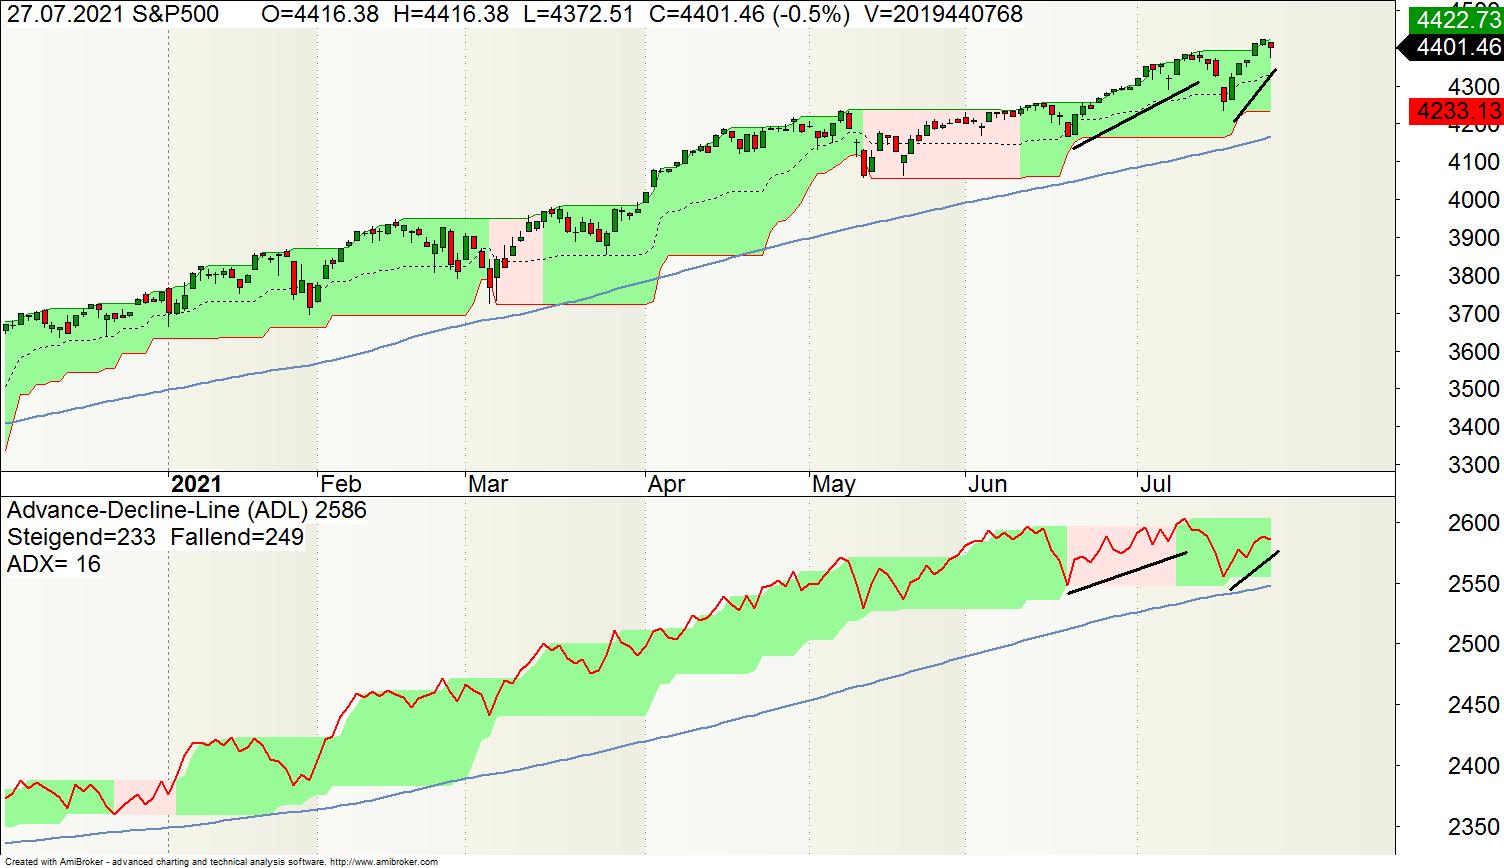 Advance-Decline-Line (ADL) und S&P500